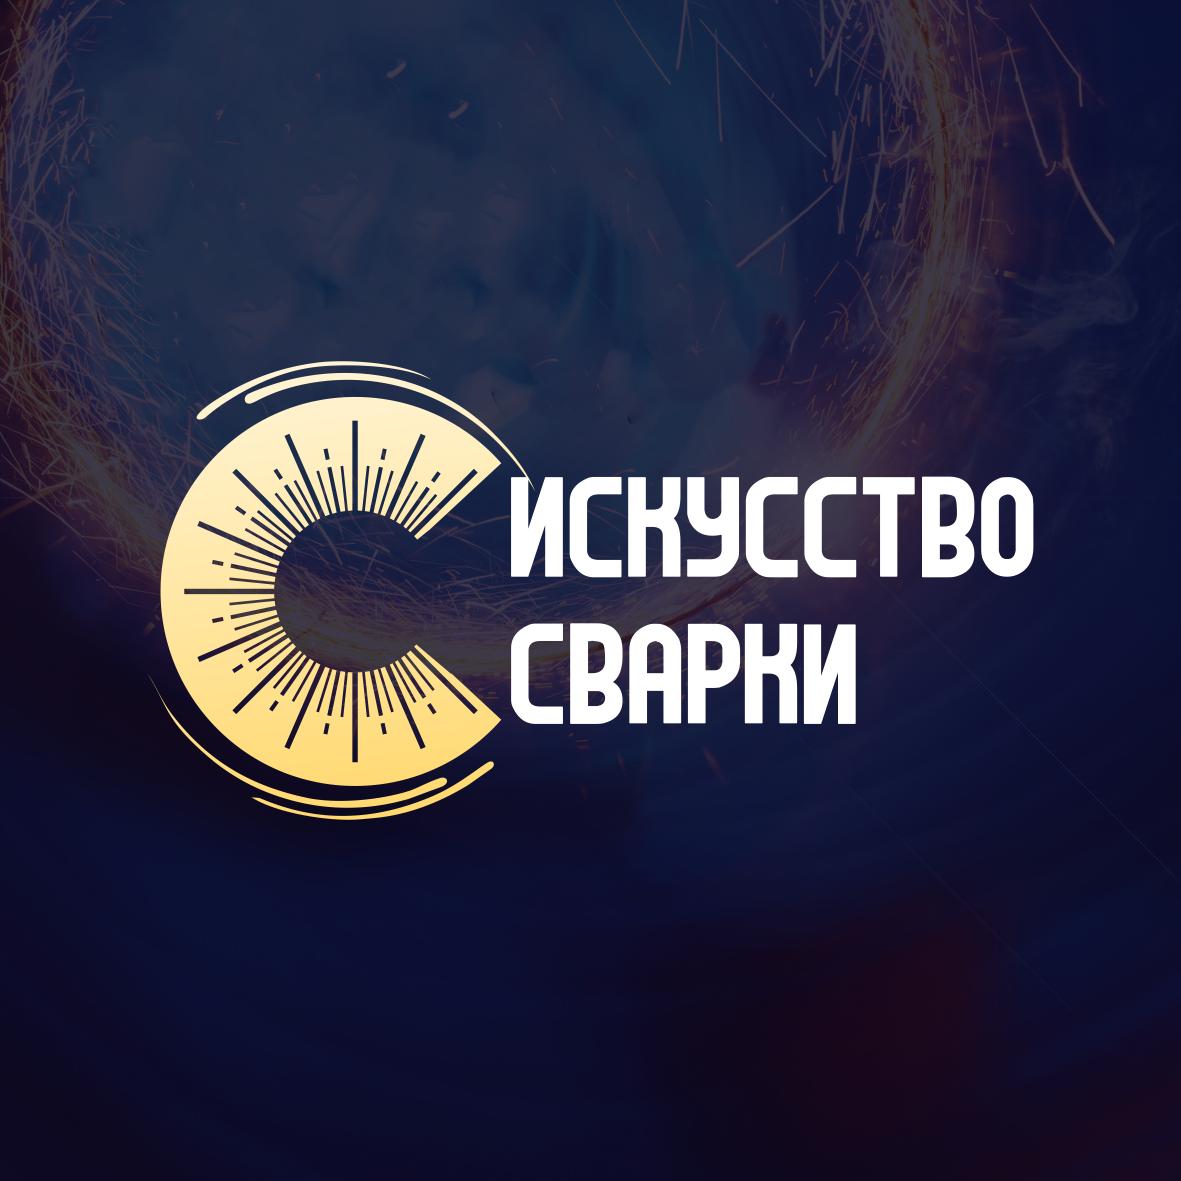 Разработка логотипа для Конкурса фото f_3095f6db3543d3a4.png